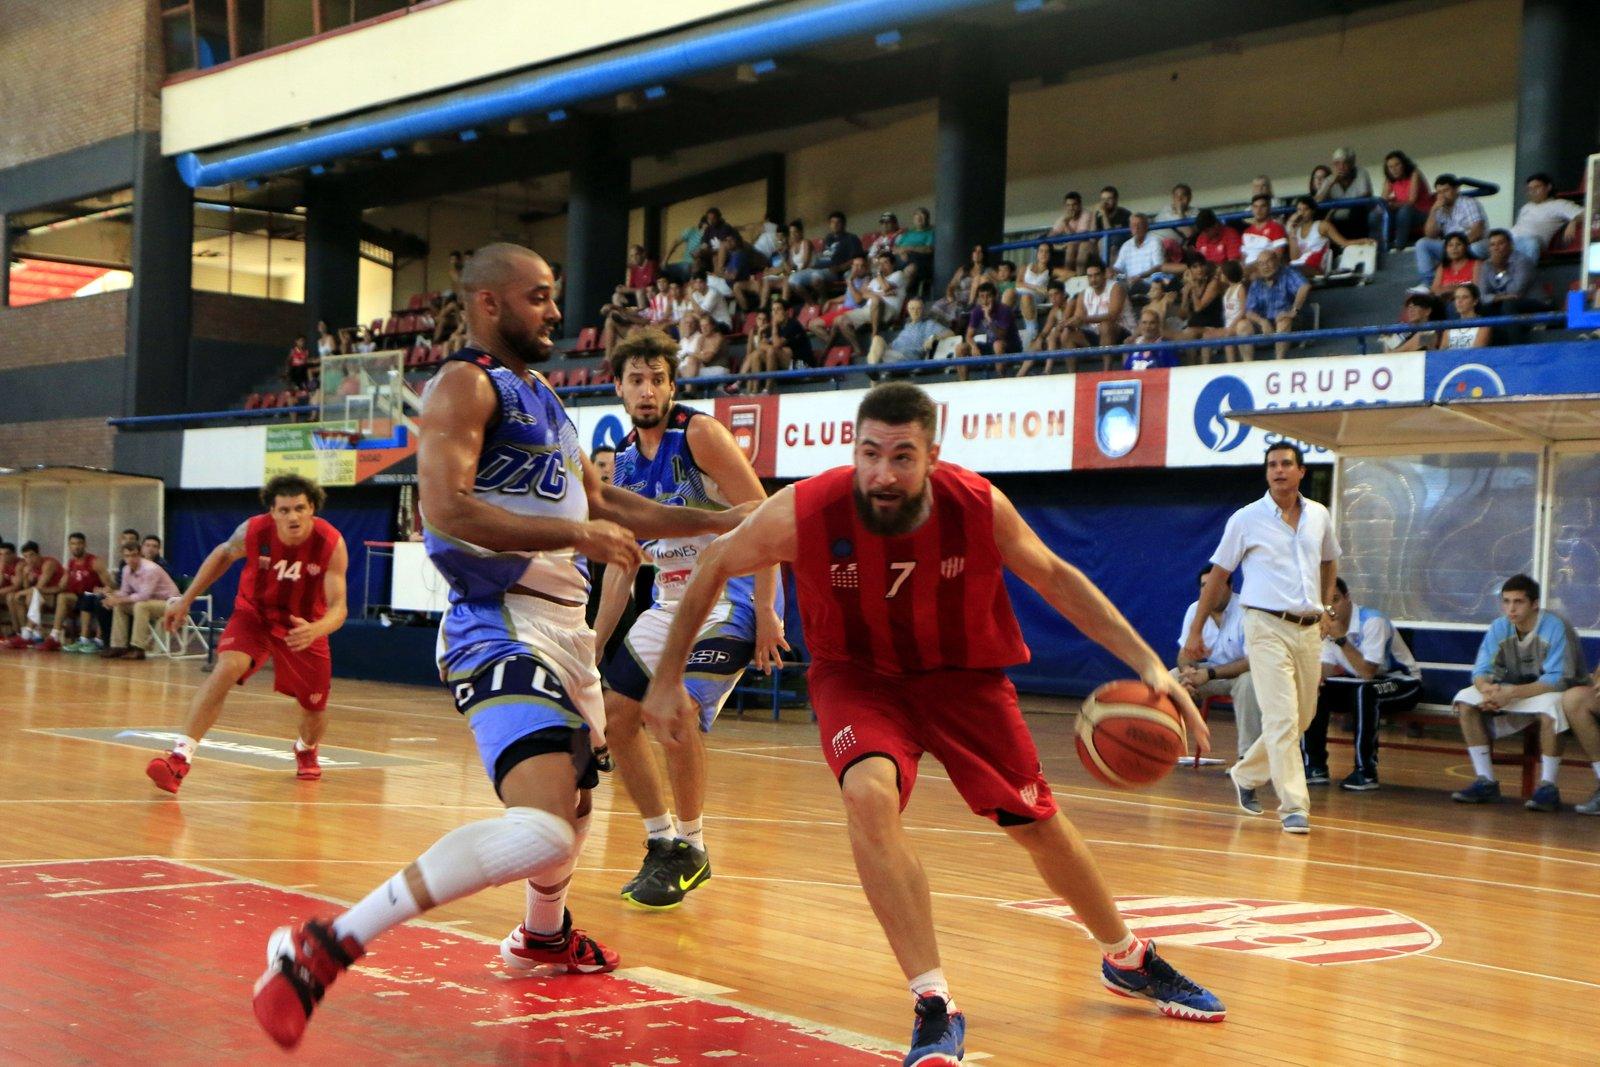 Fernando Podestá, como el equipo, de gran actuación. Foto: Gonzalo Sejas (para prensa Unión).